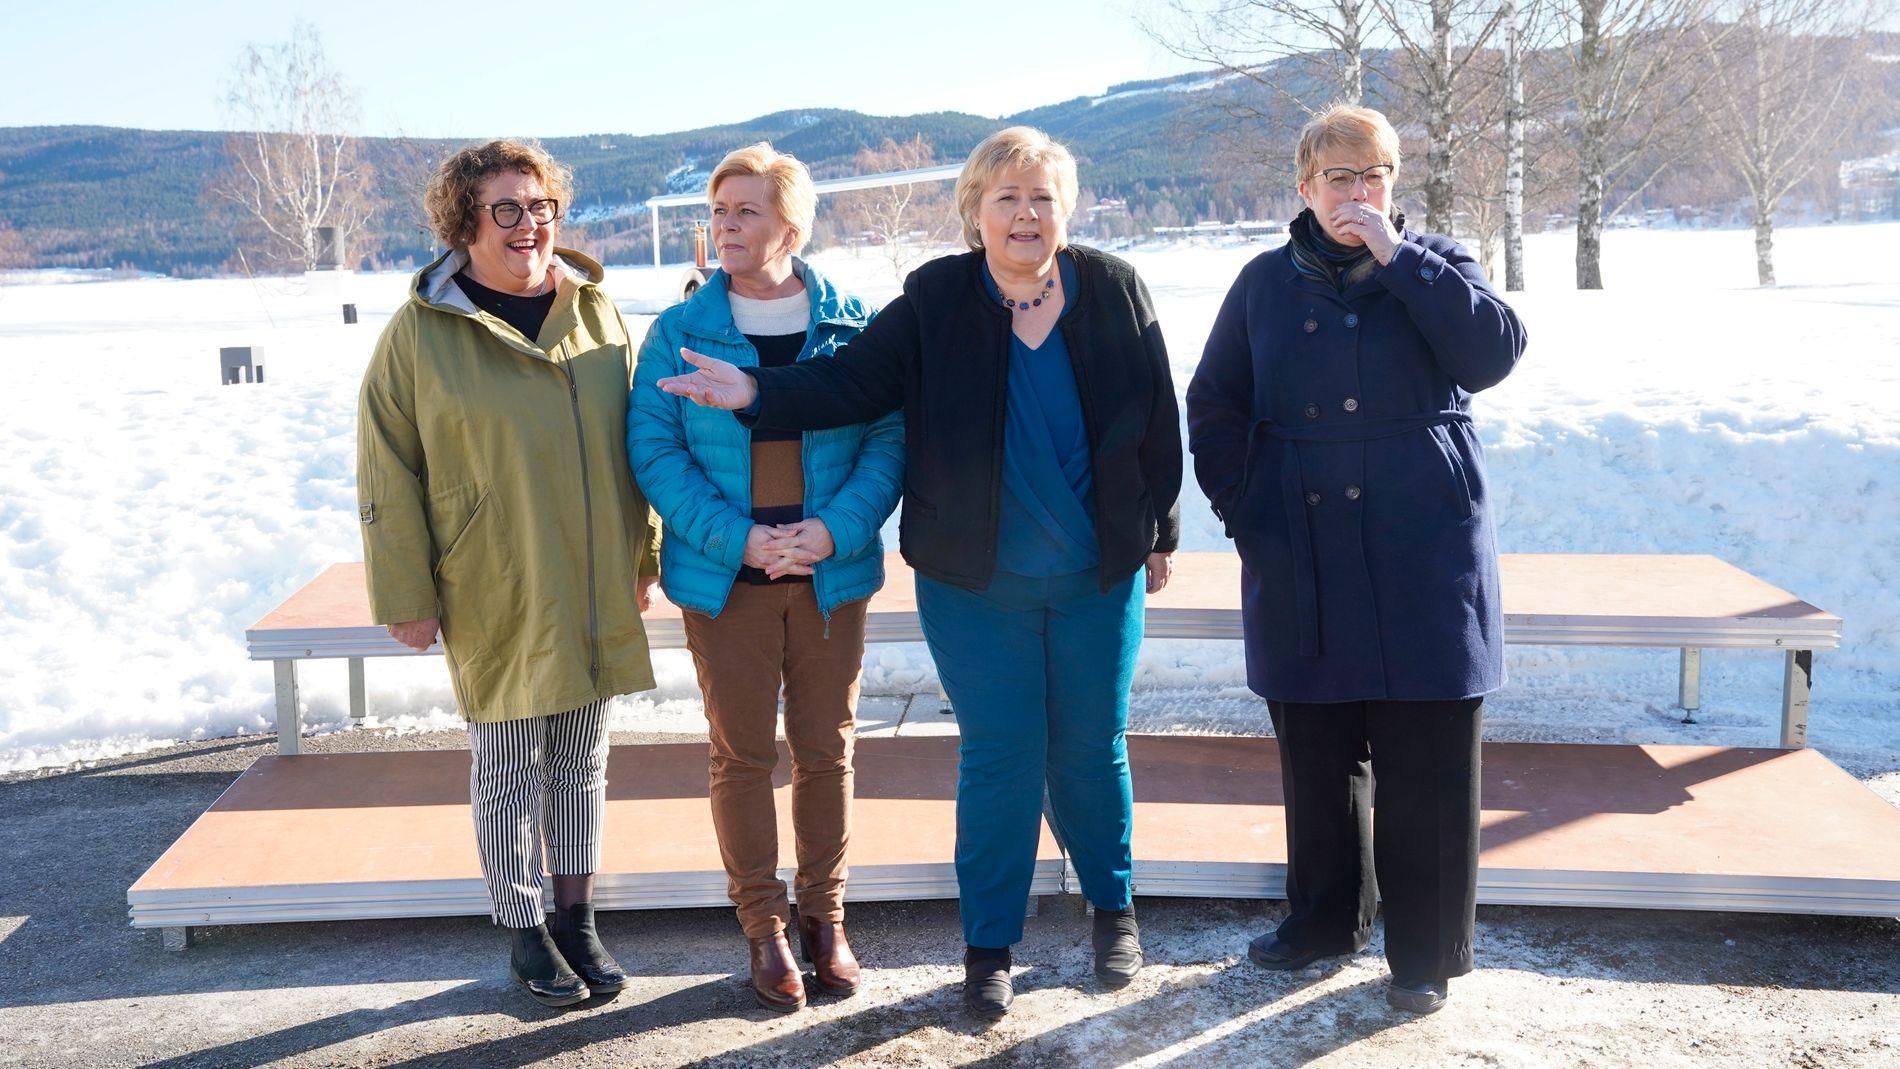 BUDSJETTKAMERATER: Tirsdag legges revidert budsjett for 2019 frem av finansminister Siv Jensen (nr. to fra venstre). Her er hun avbildet under budsjettkonferansen ved Hurdalsjøen i mars, sammen med landbruks- og matminister Olaug Bollestad (KrF) (t.v.), statsminister Erna Solberg og Venstre-leder og kulturminister Trine Skei Grande (t.h.)